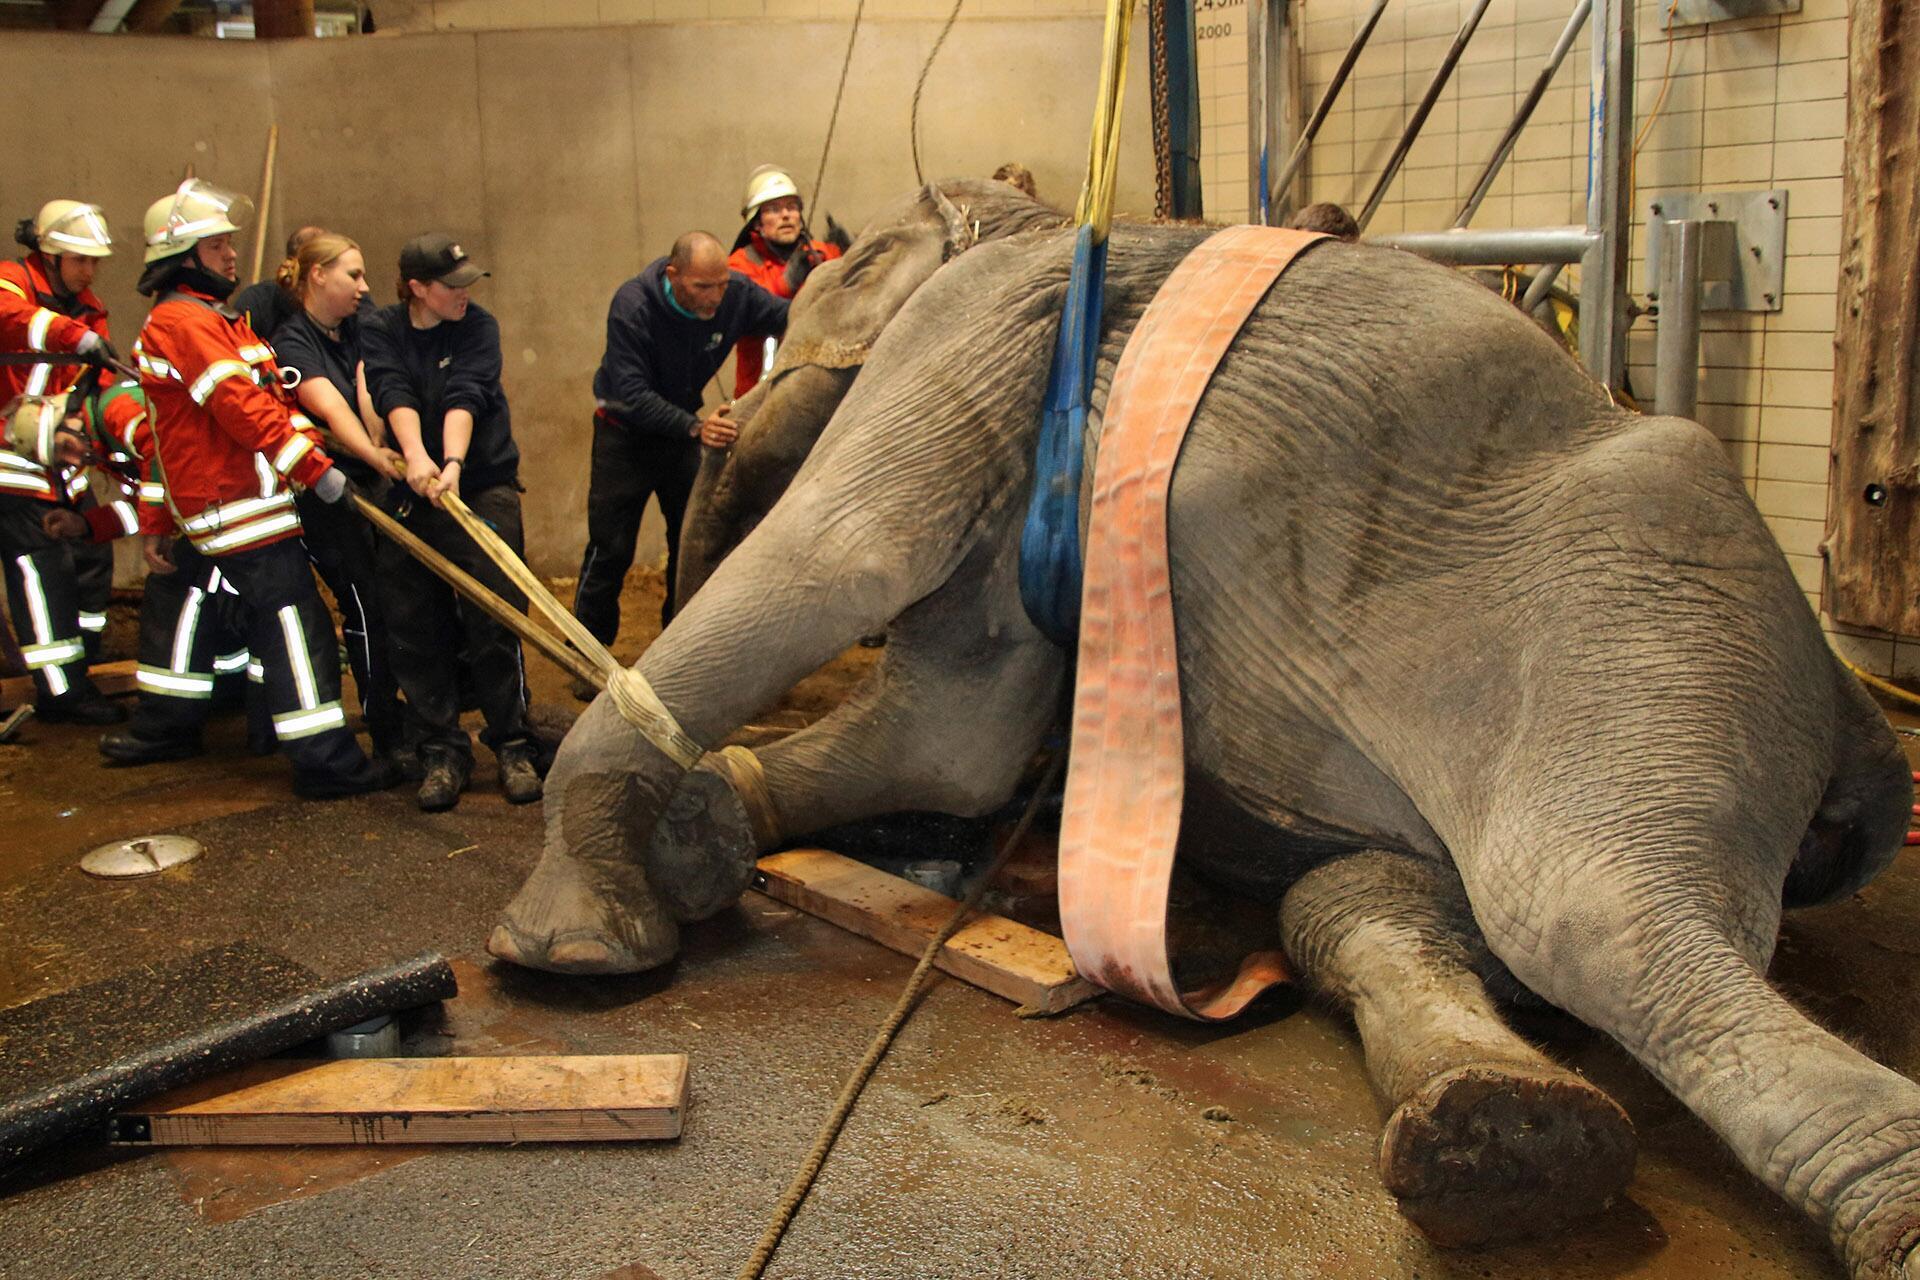 Bild zu Karlsruhe: Feuerwehr muss Elefant auf Beine helfen